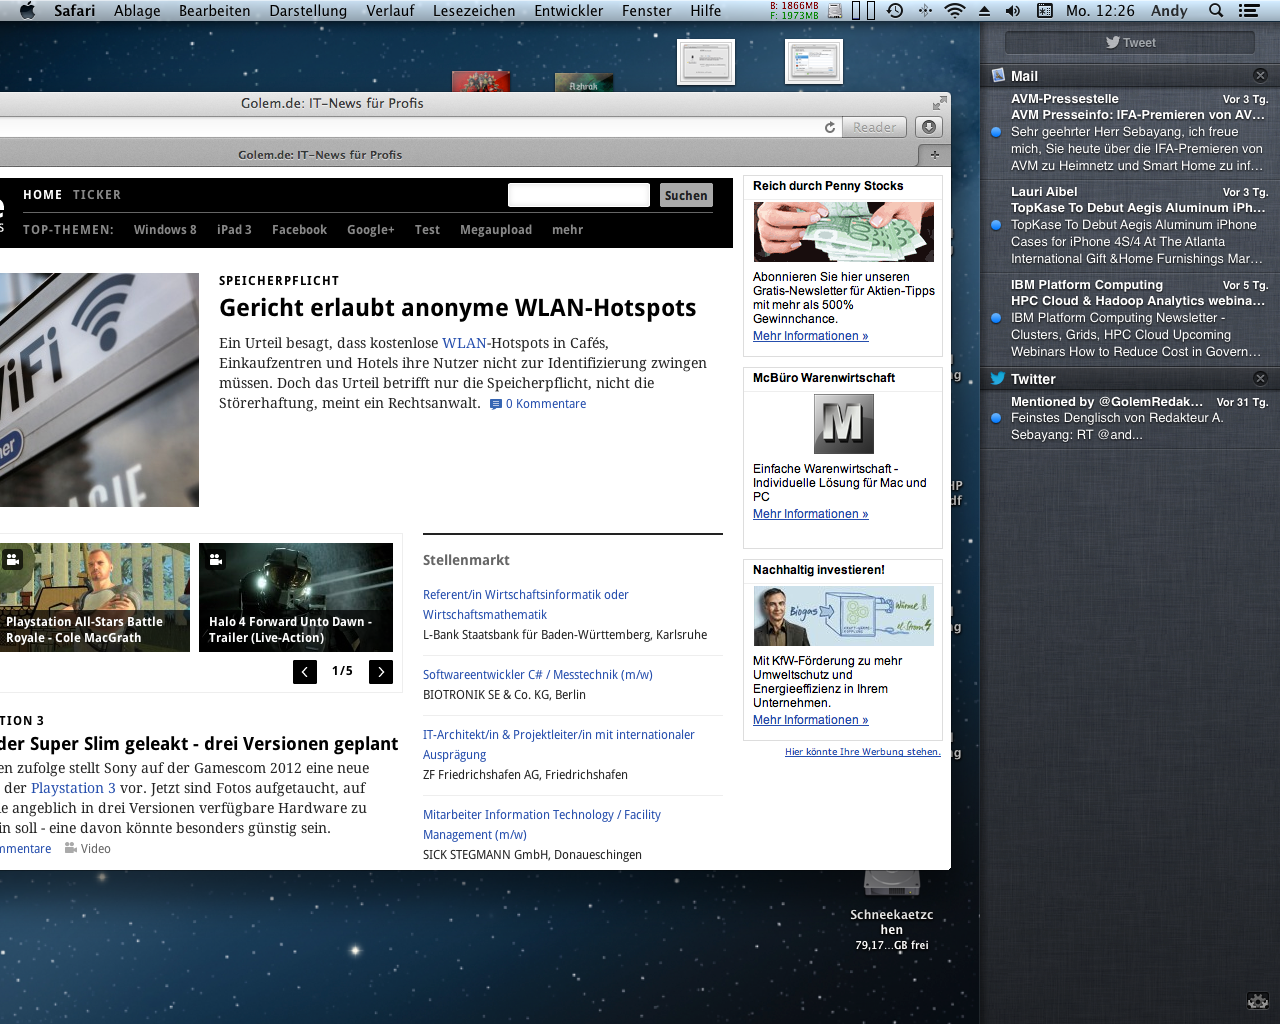 Mac OS X 10.8 Mountain Lion im Test: Apples Desktop-iOS mit komplizierter iCloud - Benachrichtigungen gibt es an der Seite.